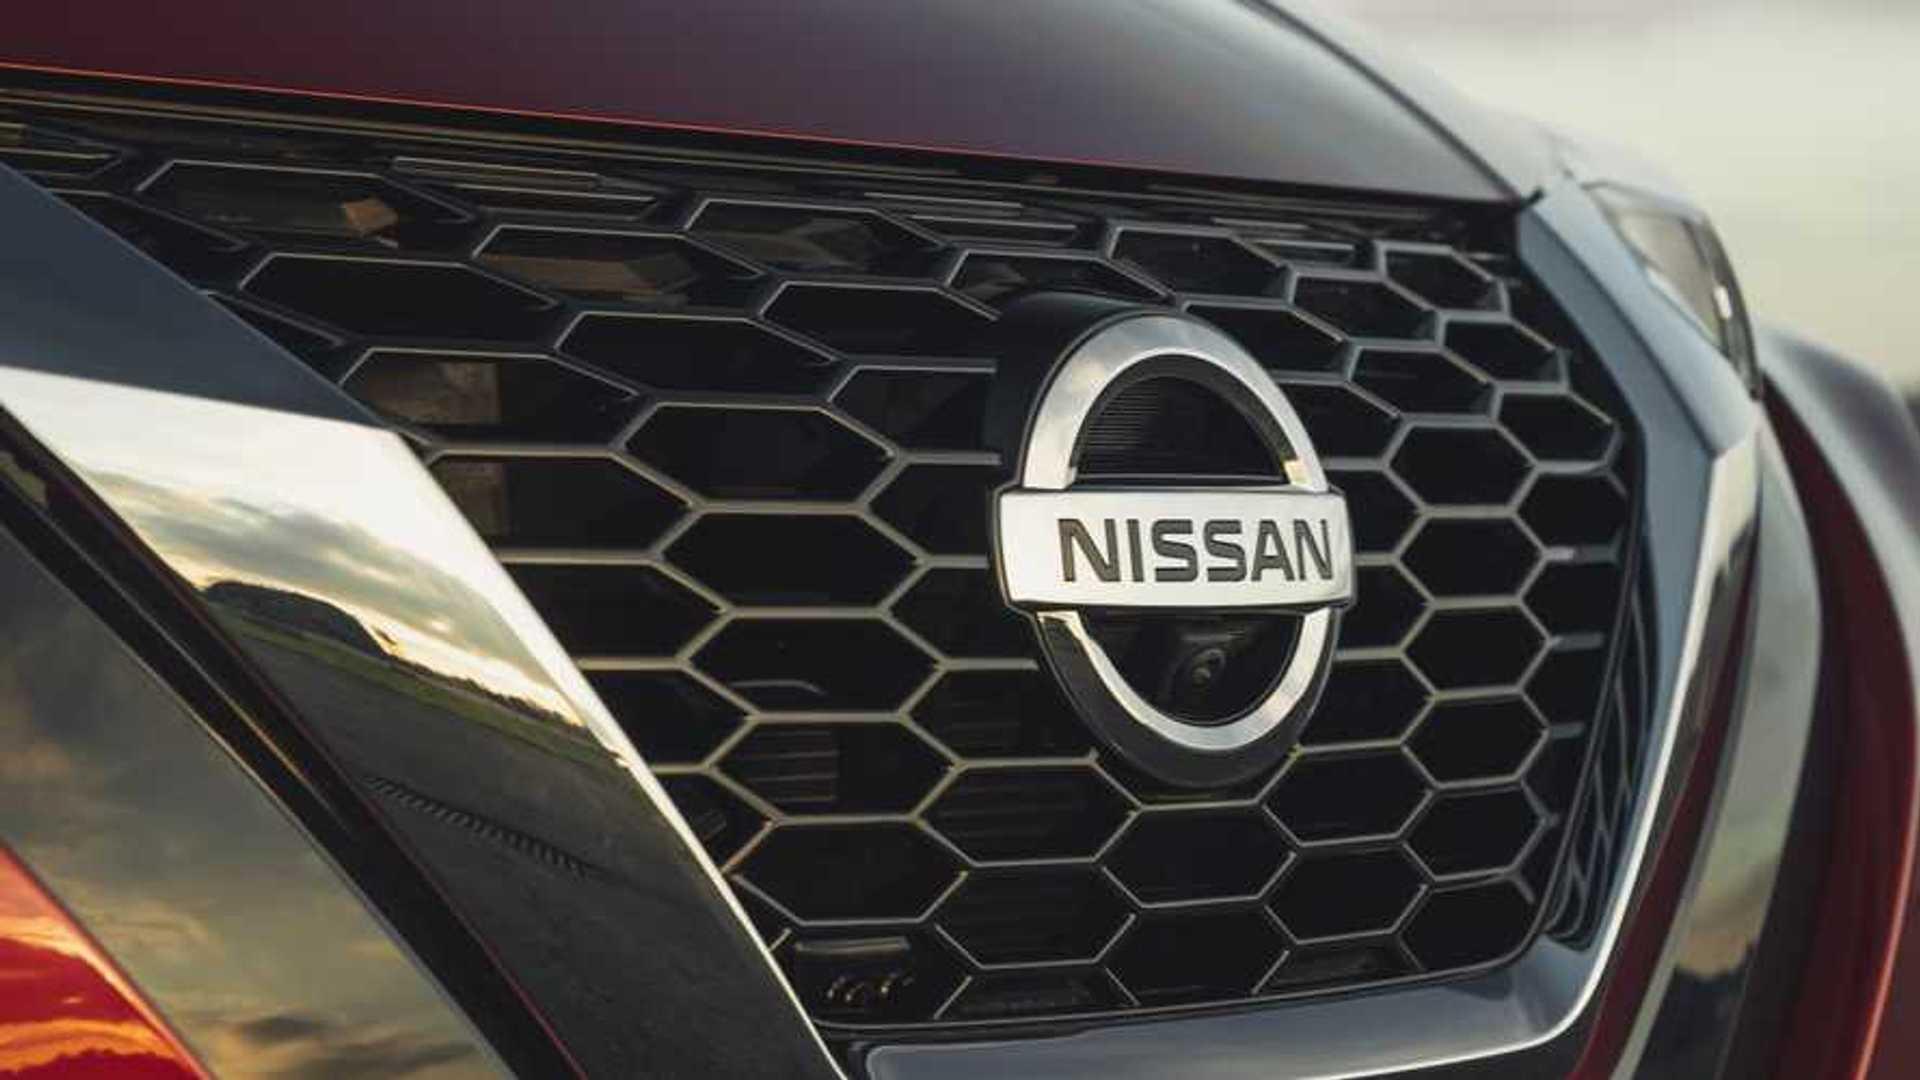 Nissan en önemli fabrikalarından birini kapatıyor!